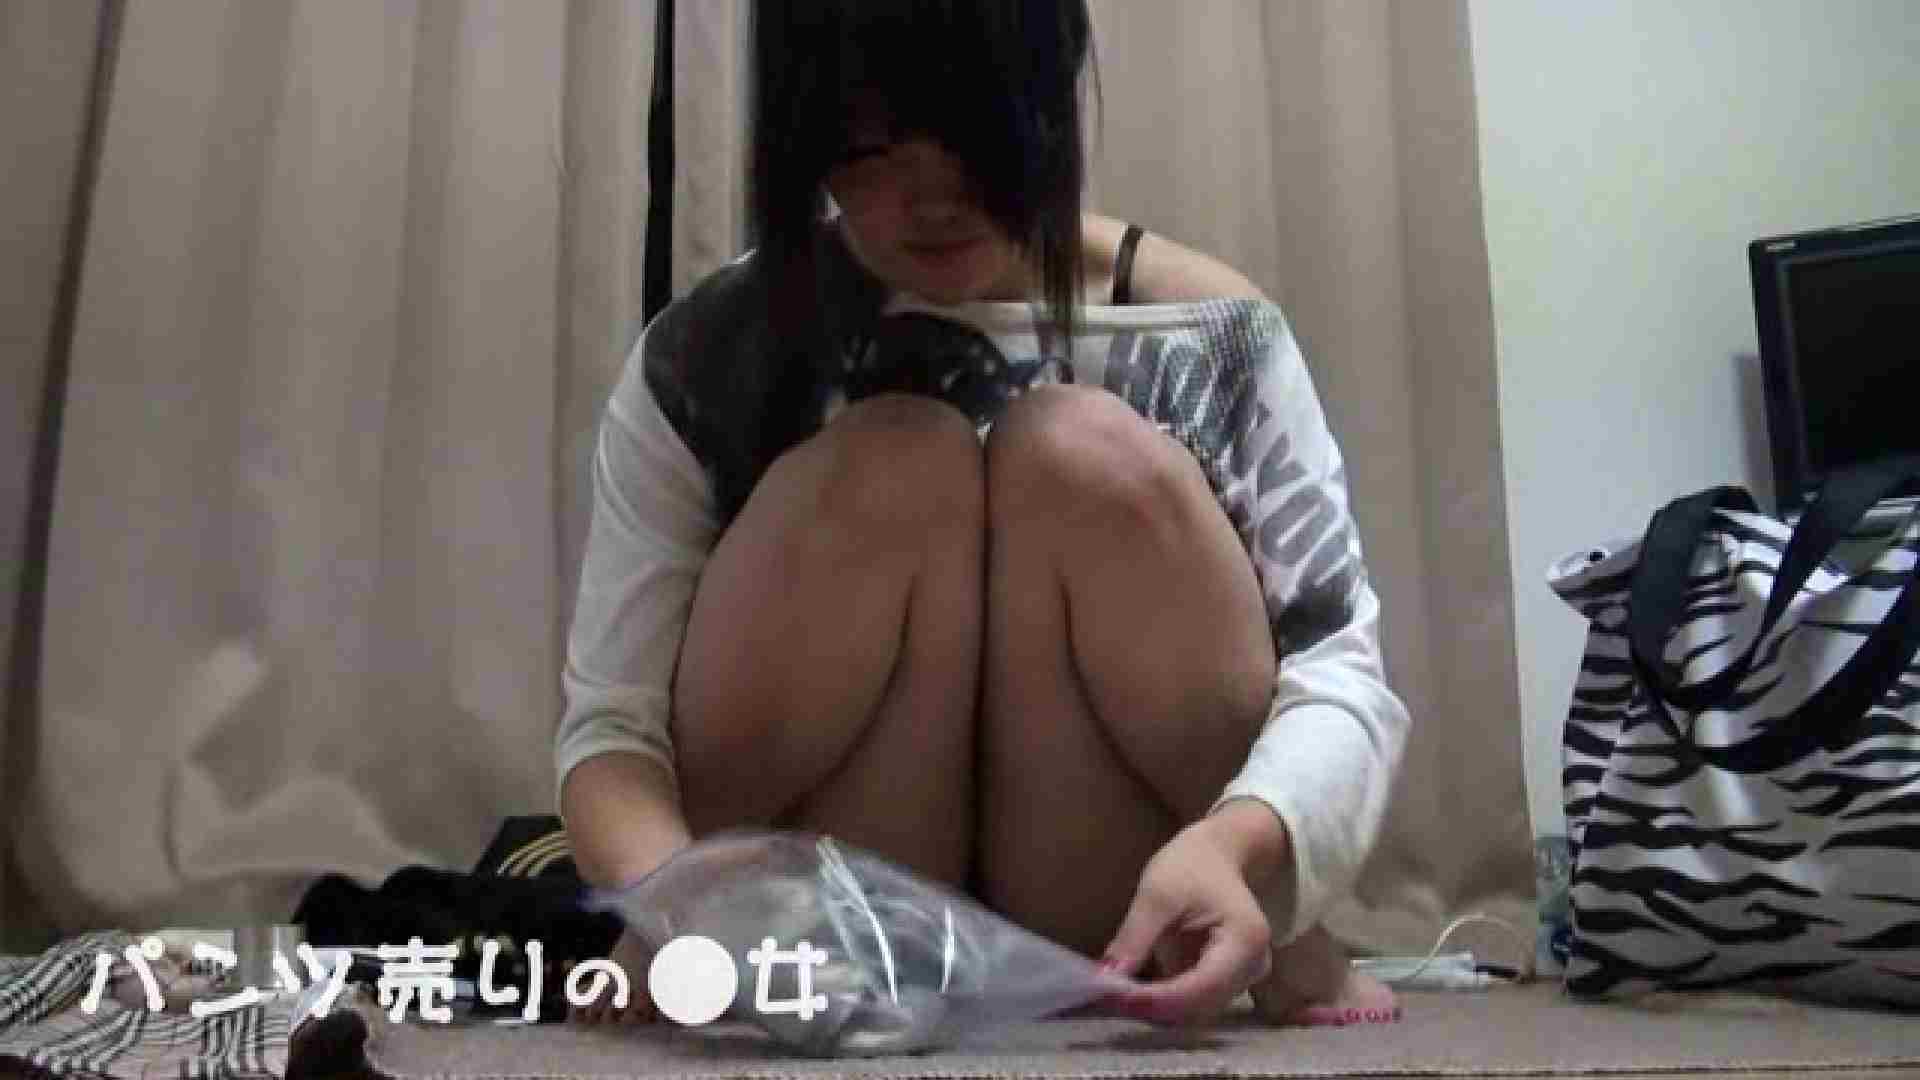 新説 パンツ売りの女の子mizuki02 一般投稿  90pic 68